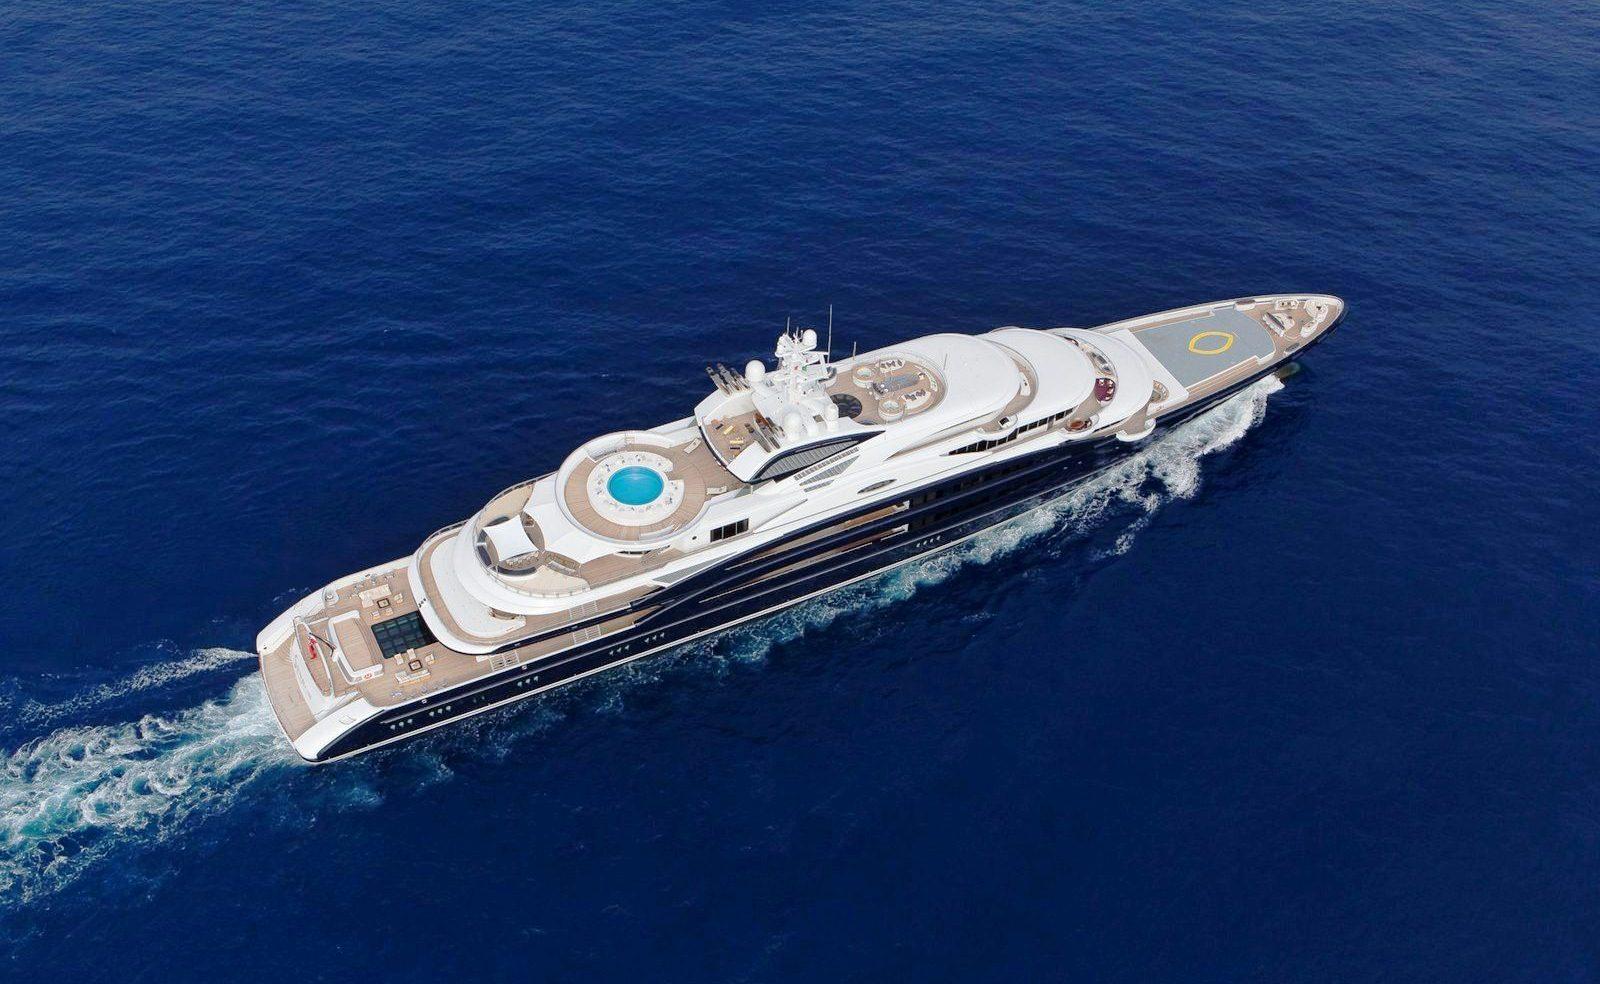 Motor Yacht SERENE - Sailing Underway